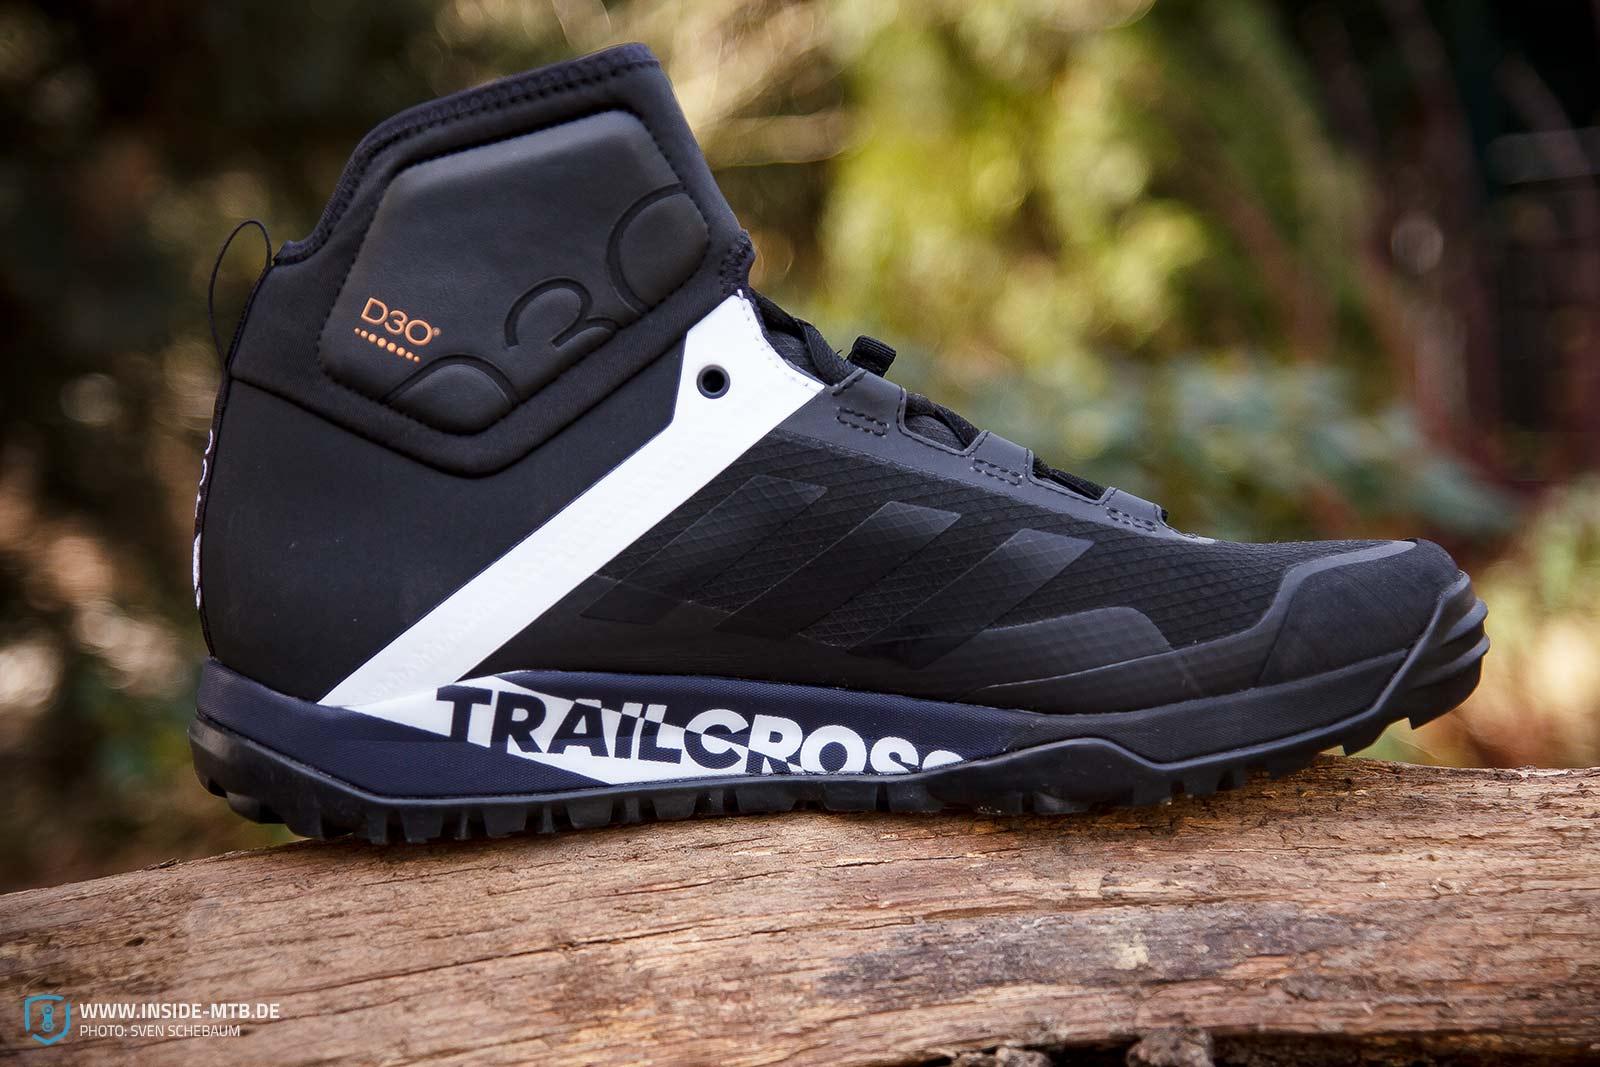 8754ee7cbf3 Adidas Terrex Trailcross Protect  Beste Rüstung für Herbst und ...